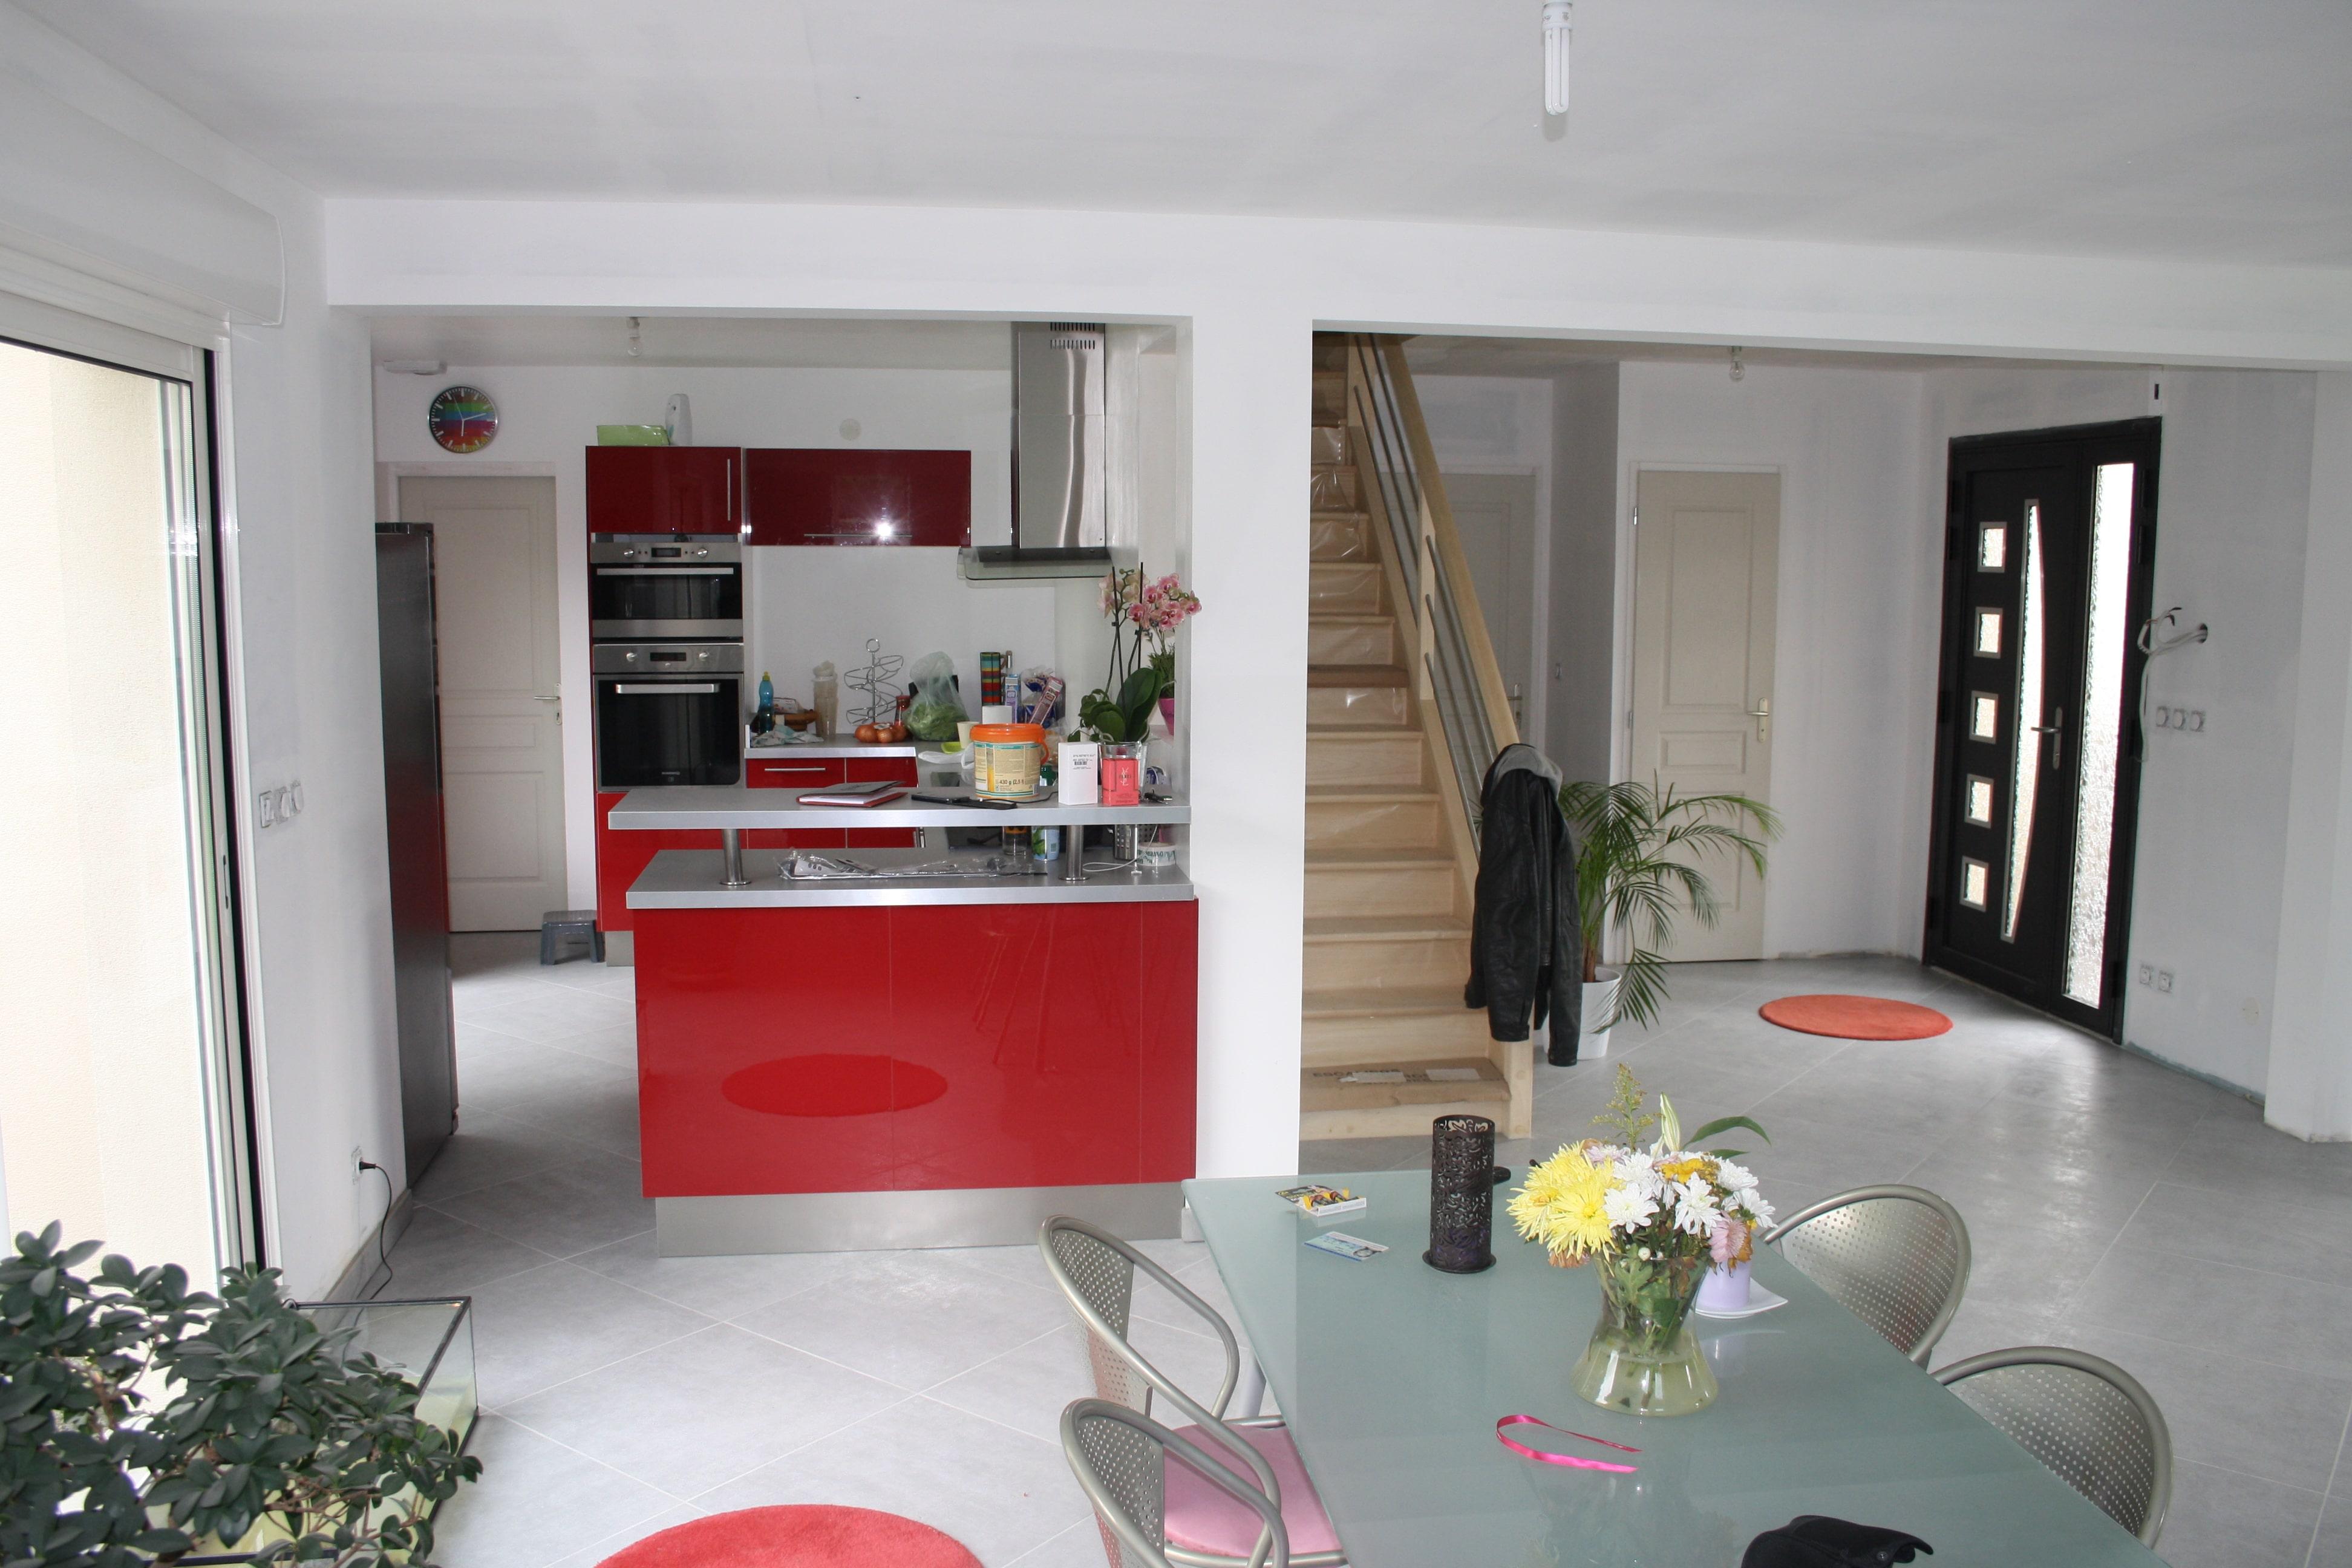 Construction maison interieur - Interieur design maison ...